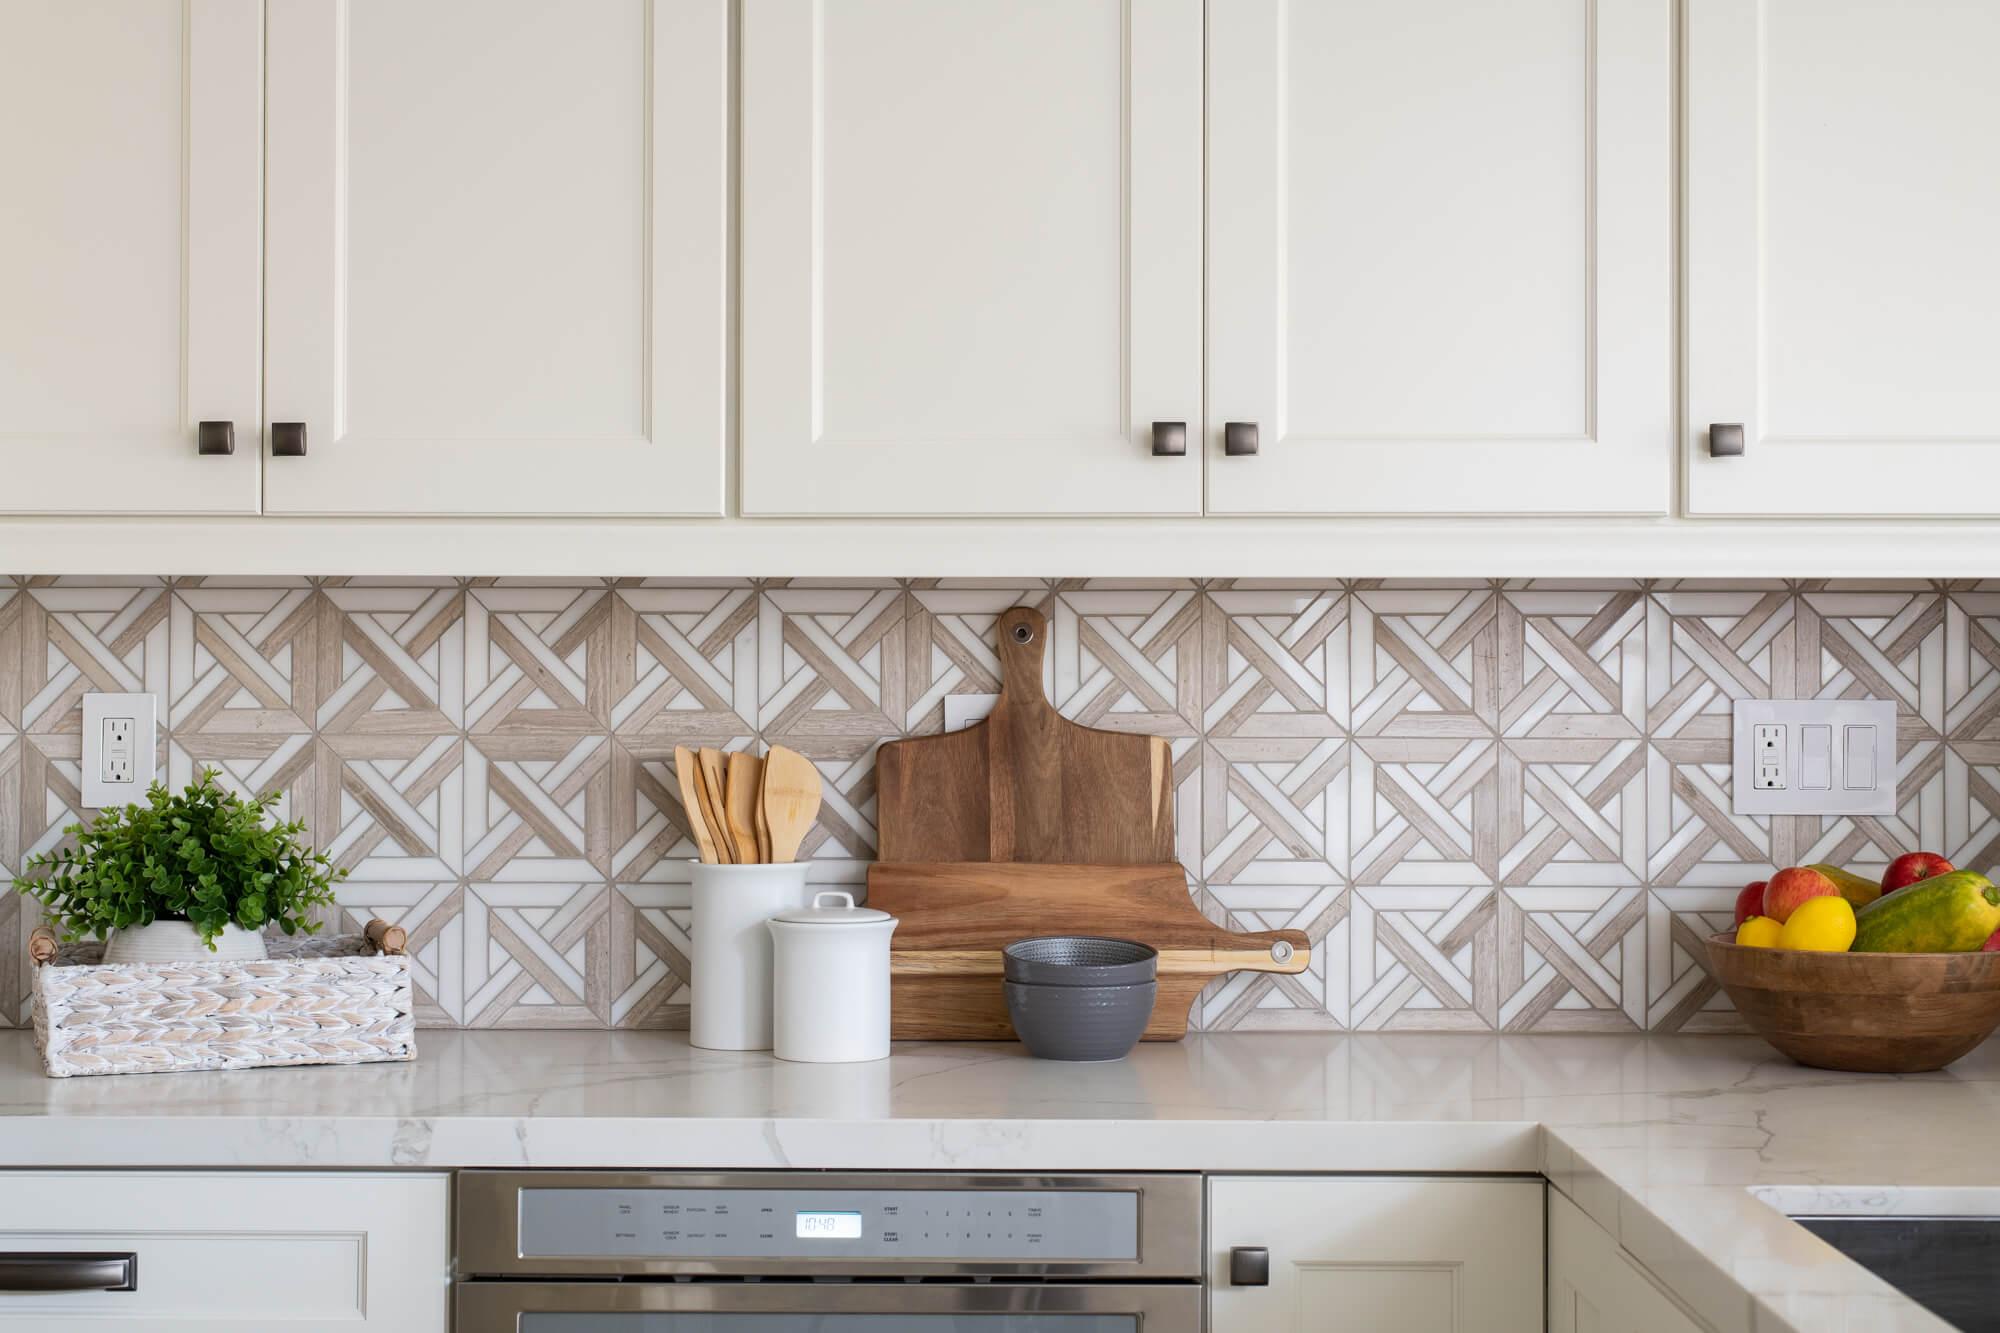 Emser Marble Mosaic Tile Backsplash in Kitchen Remodel